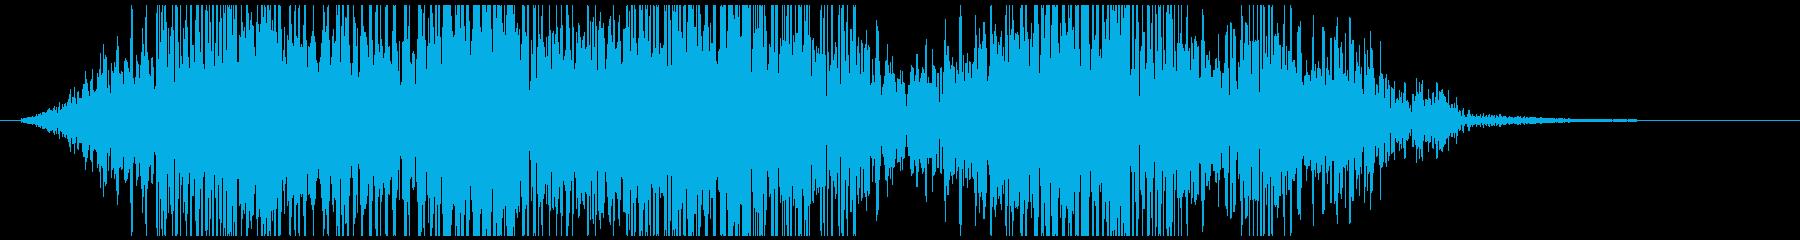 ヘビーパルステキストの再生済みの波形